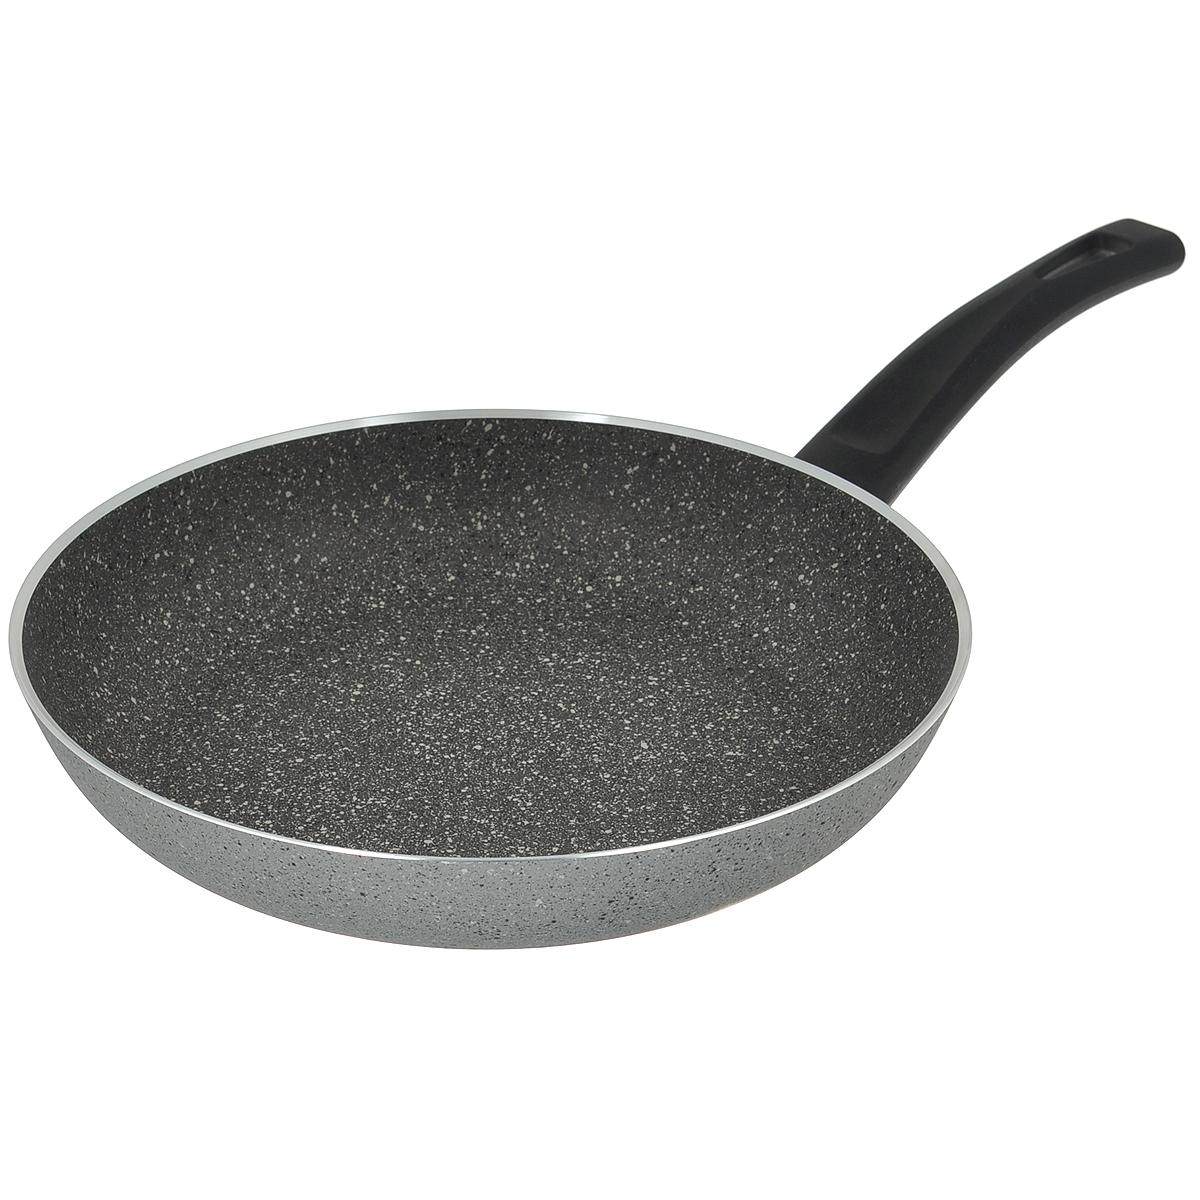 Сковорода Illa Cook On Rock Everyday, с антипригарным покрытием. Диаметр 28 см1444Сковорода Illa Cook On Rock Everyday изготовлена из алюминия с внутренним антипригарным каменным покрытием серого цвета Whitford. Цвет наружной поверхности - серый под камень. Посуда с каменным антипригарным покрытием выполнена из материалов высокого качества и является наиболее долговечной. Экологична, так как при нагреве не выделяет примеси PFOA. Прочный антипригарный слой очень надежен, не меняется со временем и не теряет своих антипригарных свойств. Антипригарная каменная посуда гарантирует приготовление здоровой, легкой и вкусной пищи, благодаря возможности готовить на более низкой температуре, и сохраняет вкус и аромат продуктов. Антипригарная каменная посуда быстро нагревается, а тепло сохраняется дольше, благодаря толстому дну и наличию специальных частиц, из которых состоит покрытие. Ручка эргономичной формы выполнена из бакелита. Эта новая линия ILLA для тех, кто ценит надежность, прочность, долговечность и профессиональные характеристики посуды с...